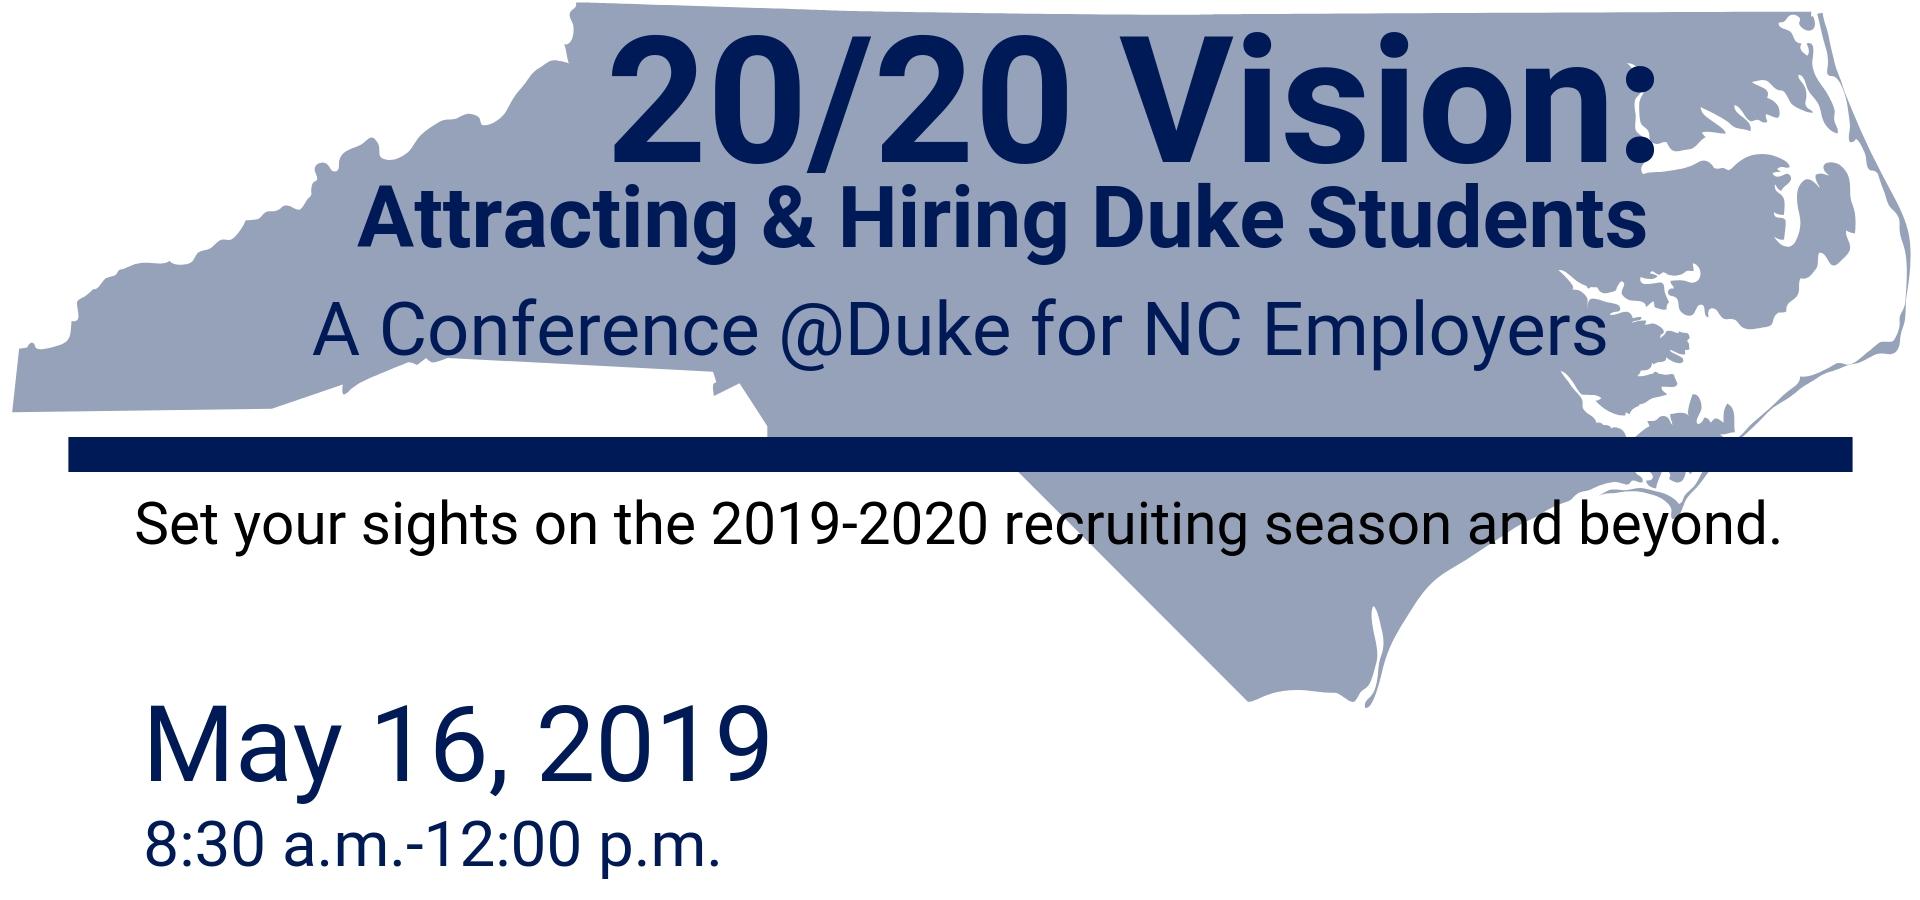 Duke 2020 Vision